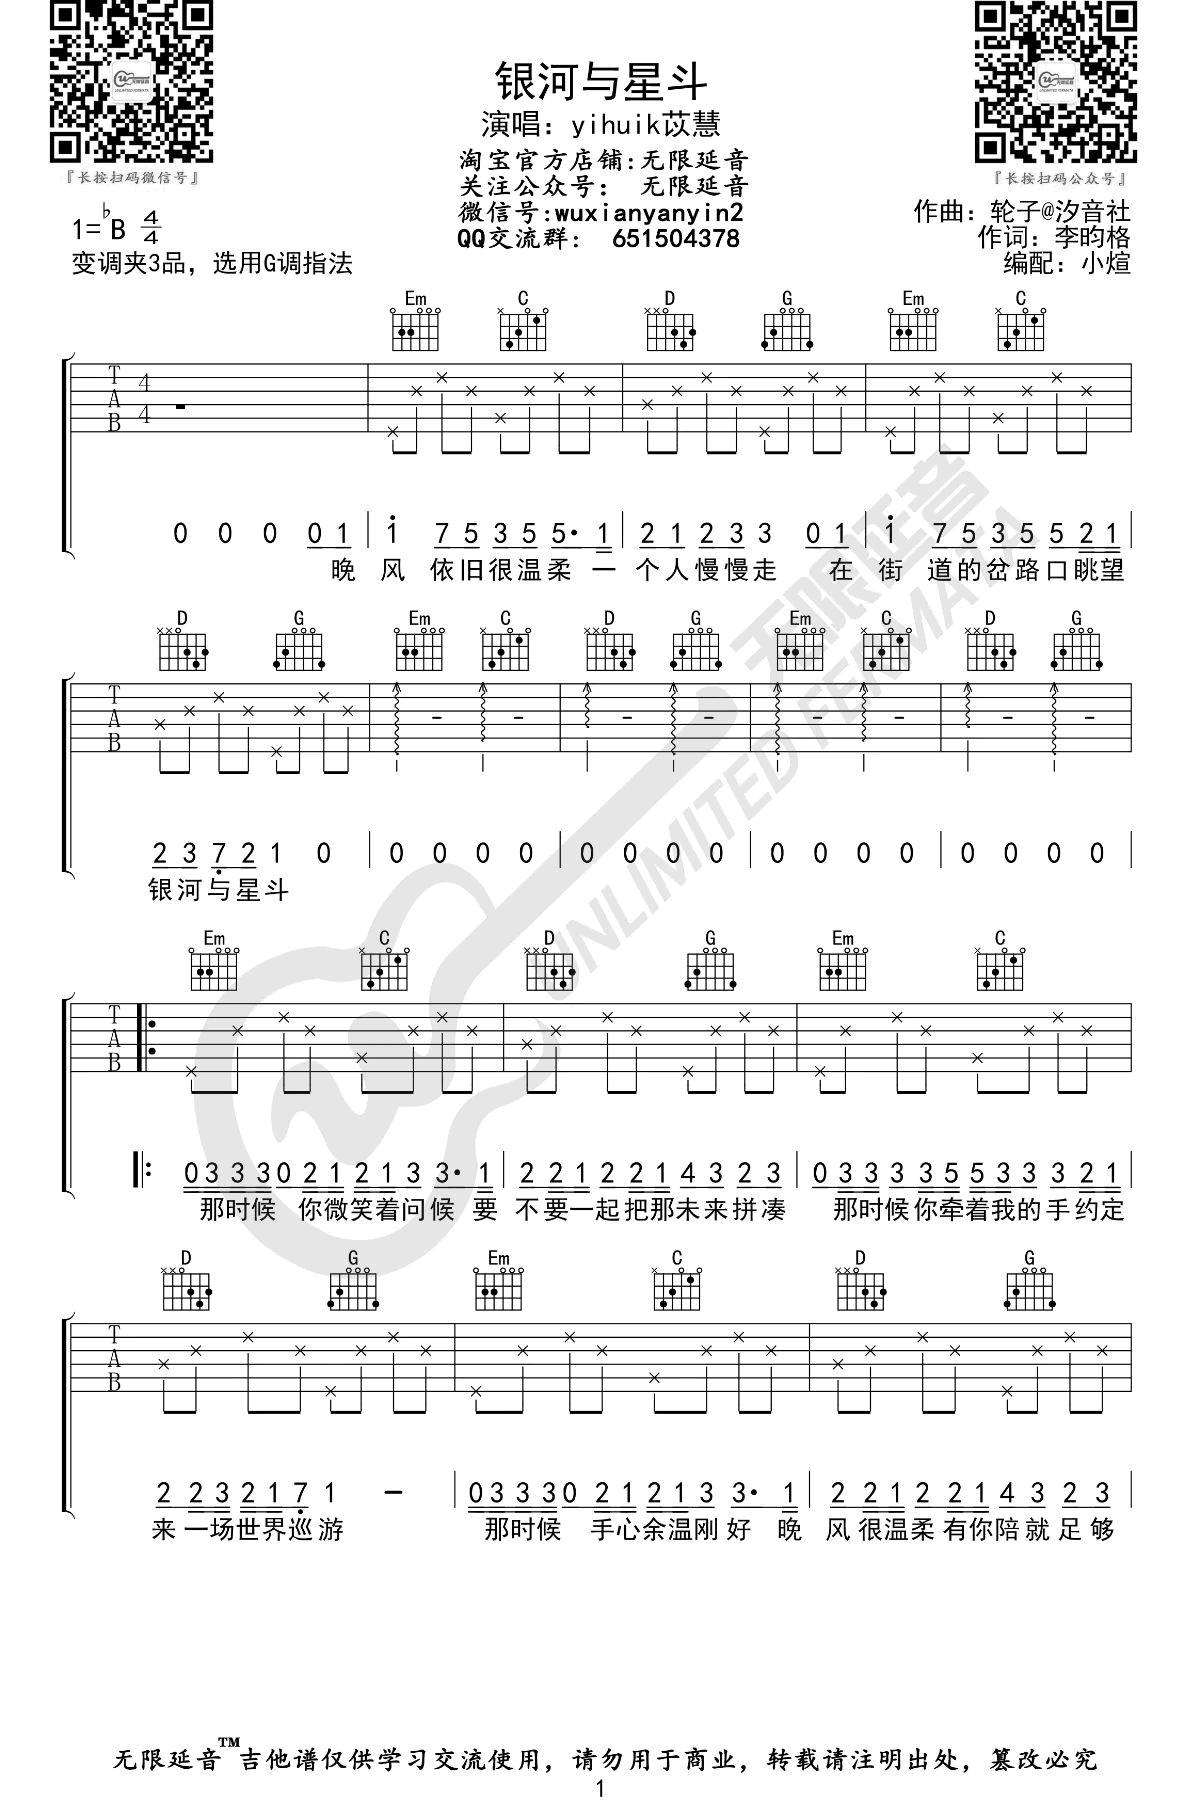 苡慧-银河与星斗吉他谱-1